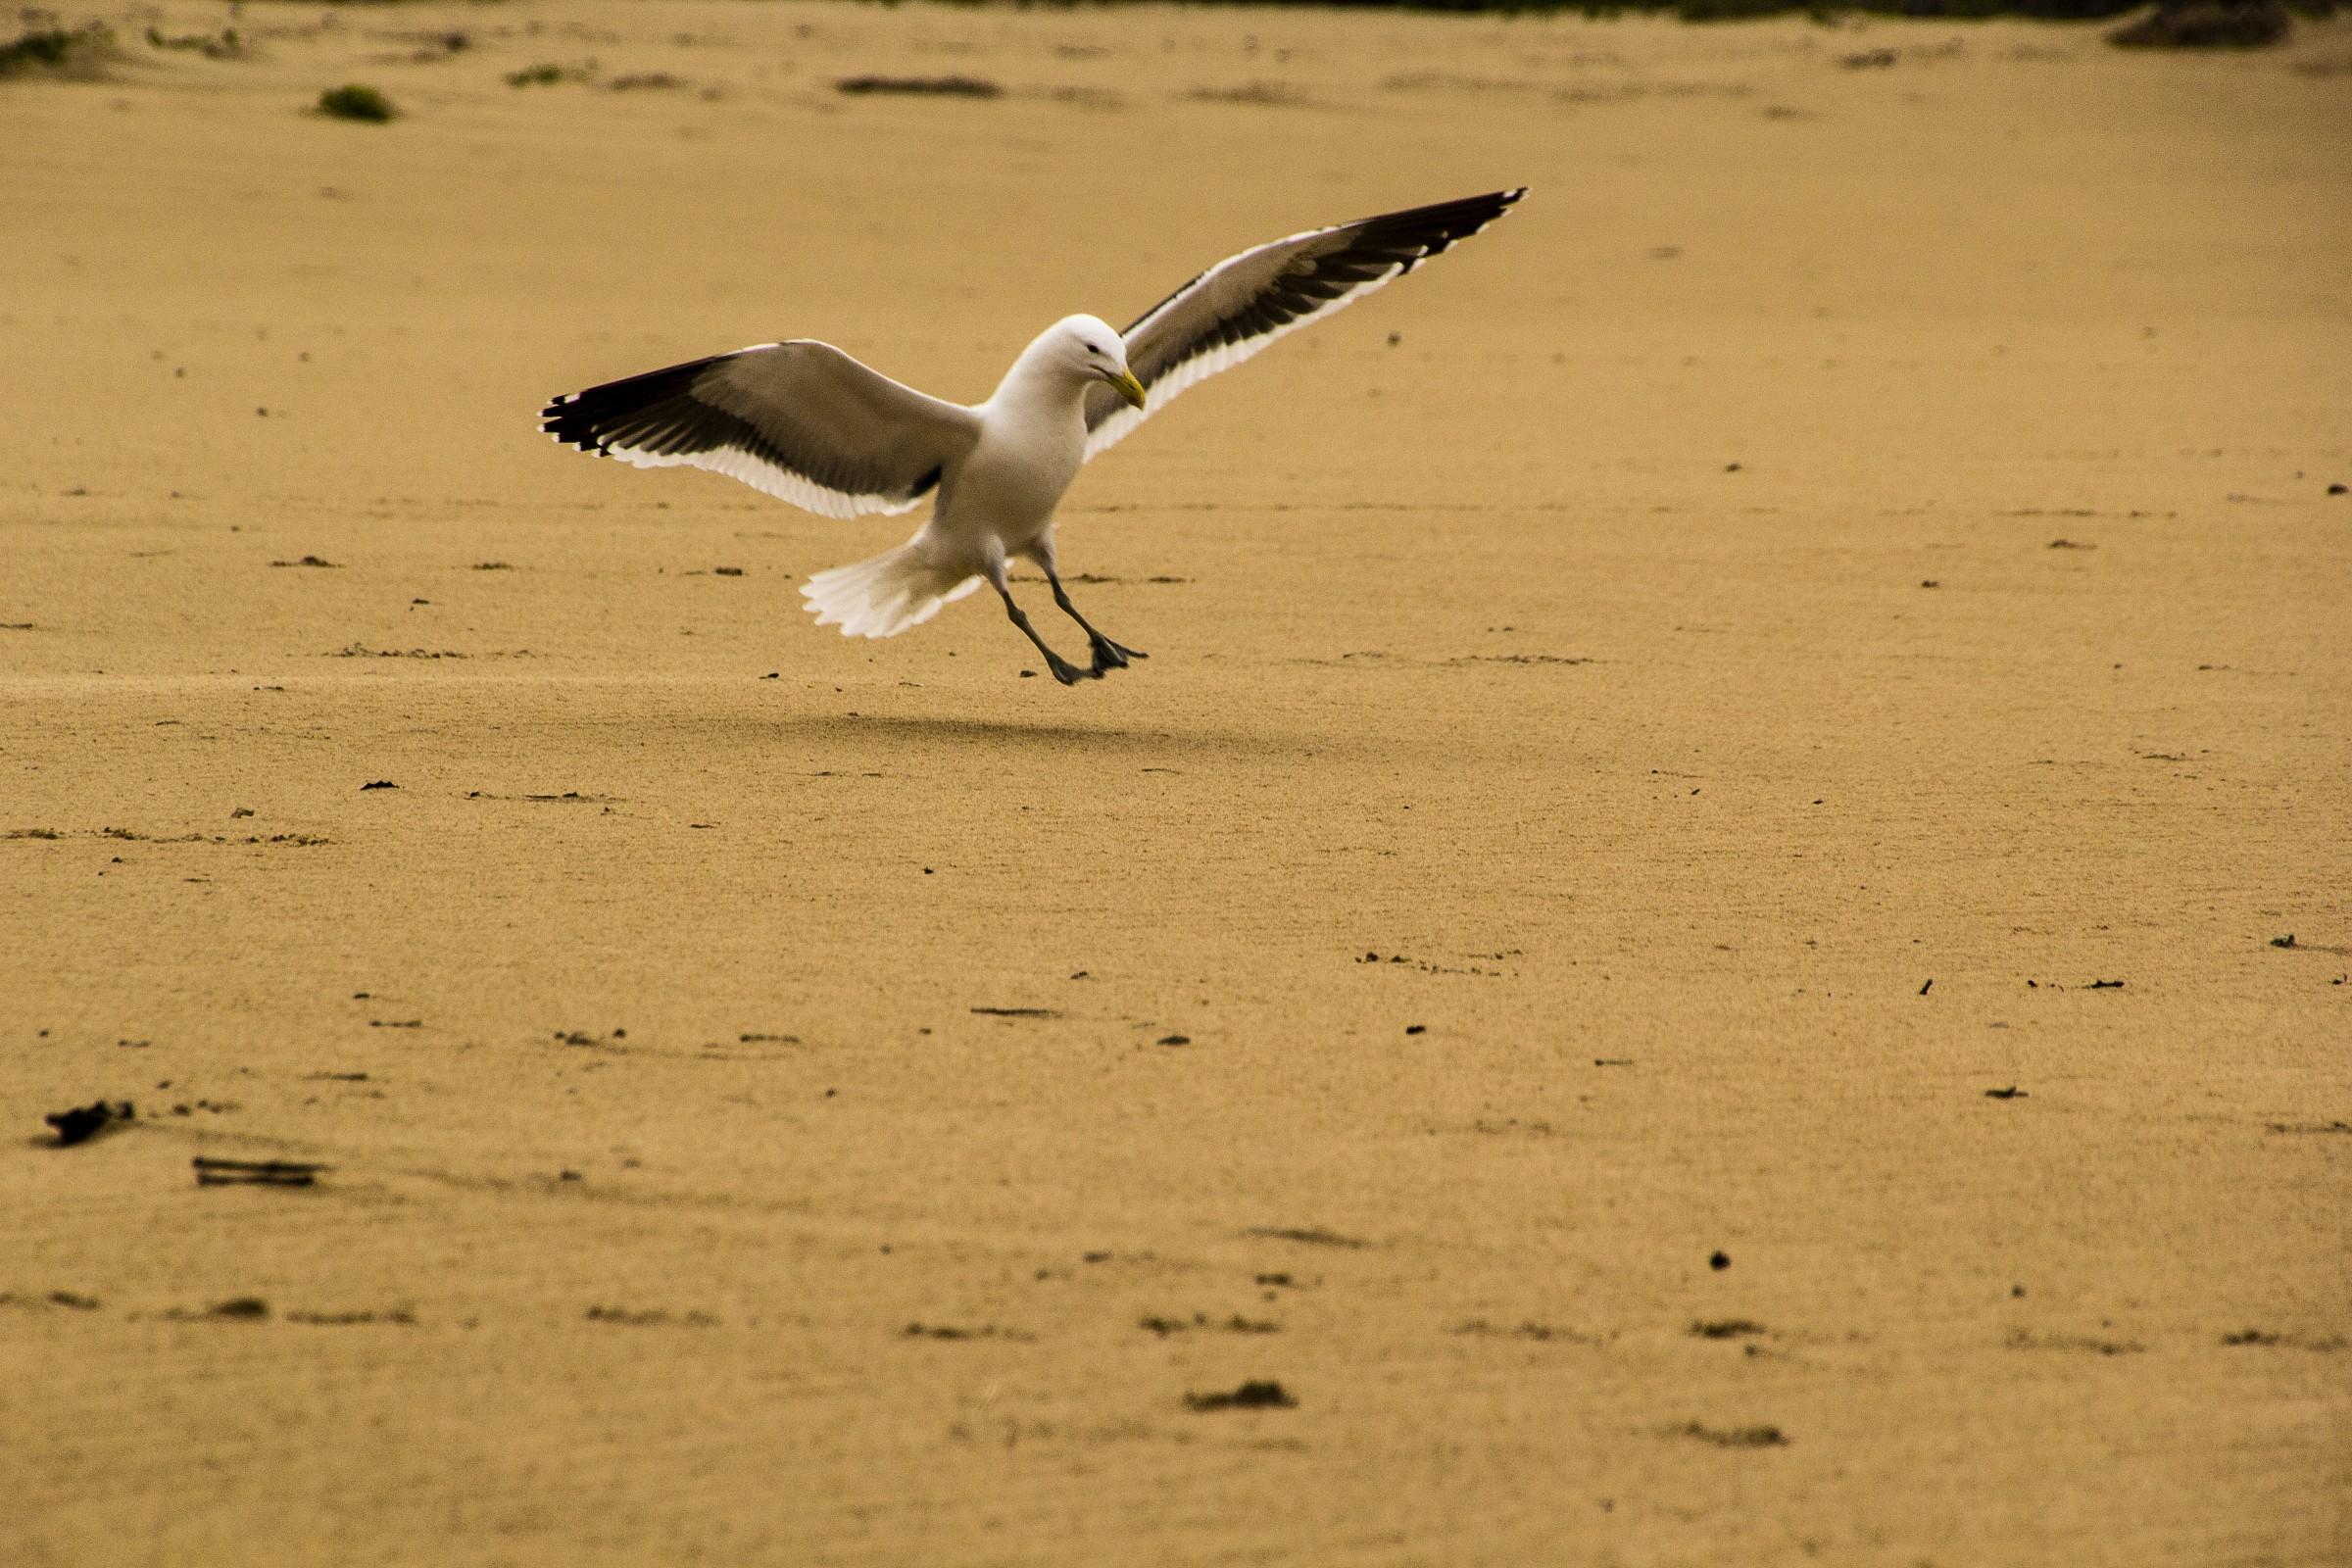 Ready for landing ......